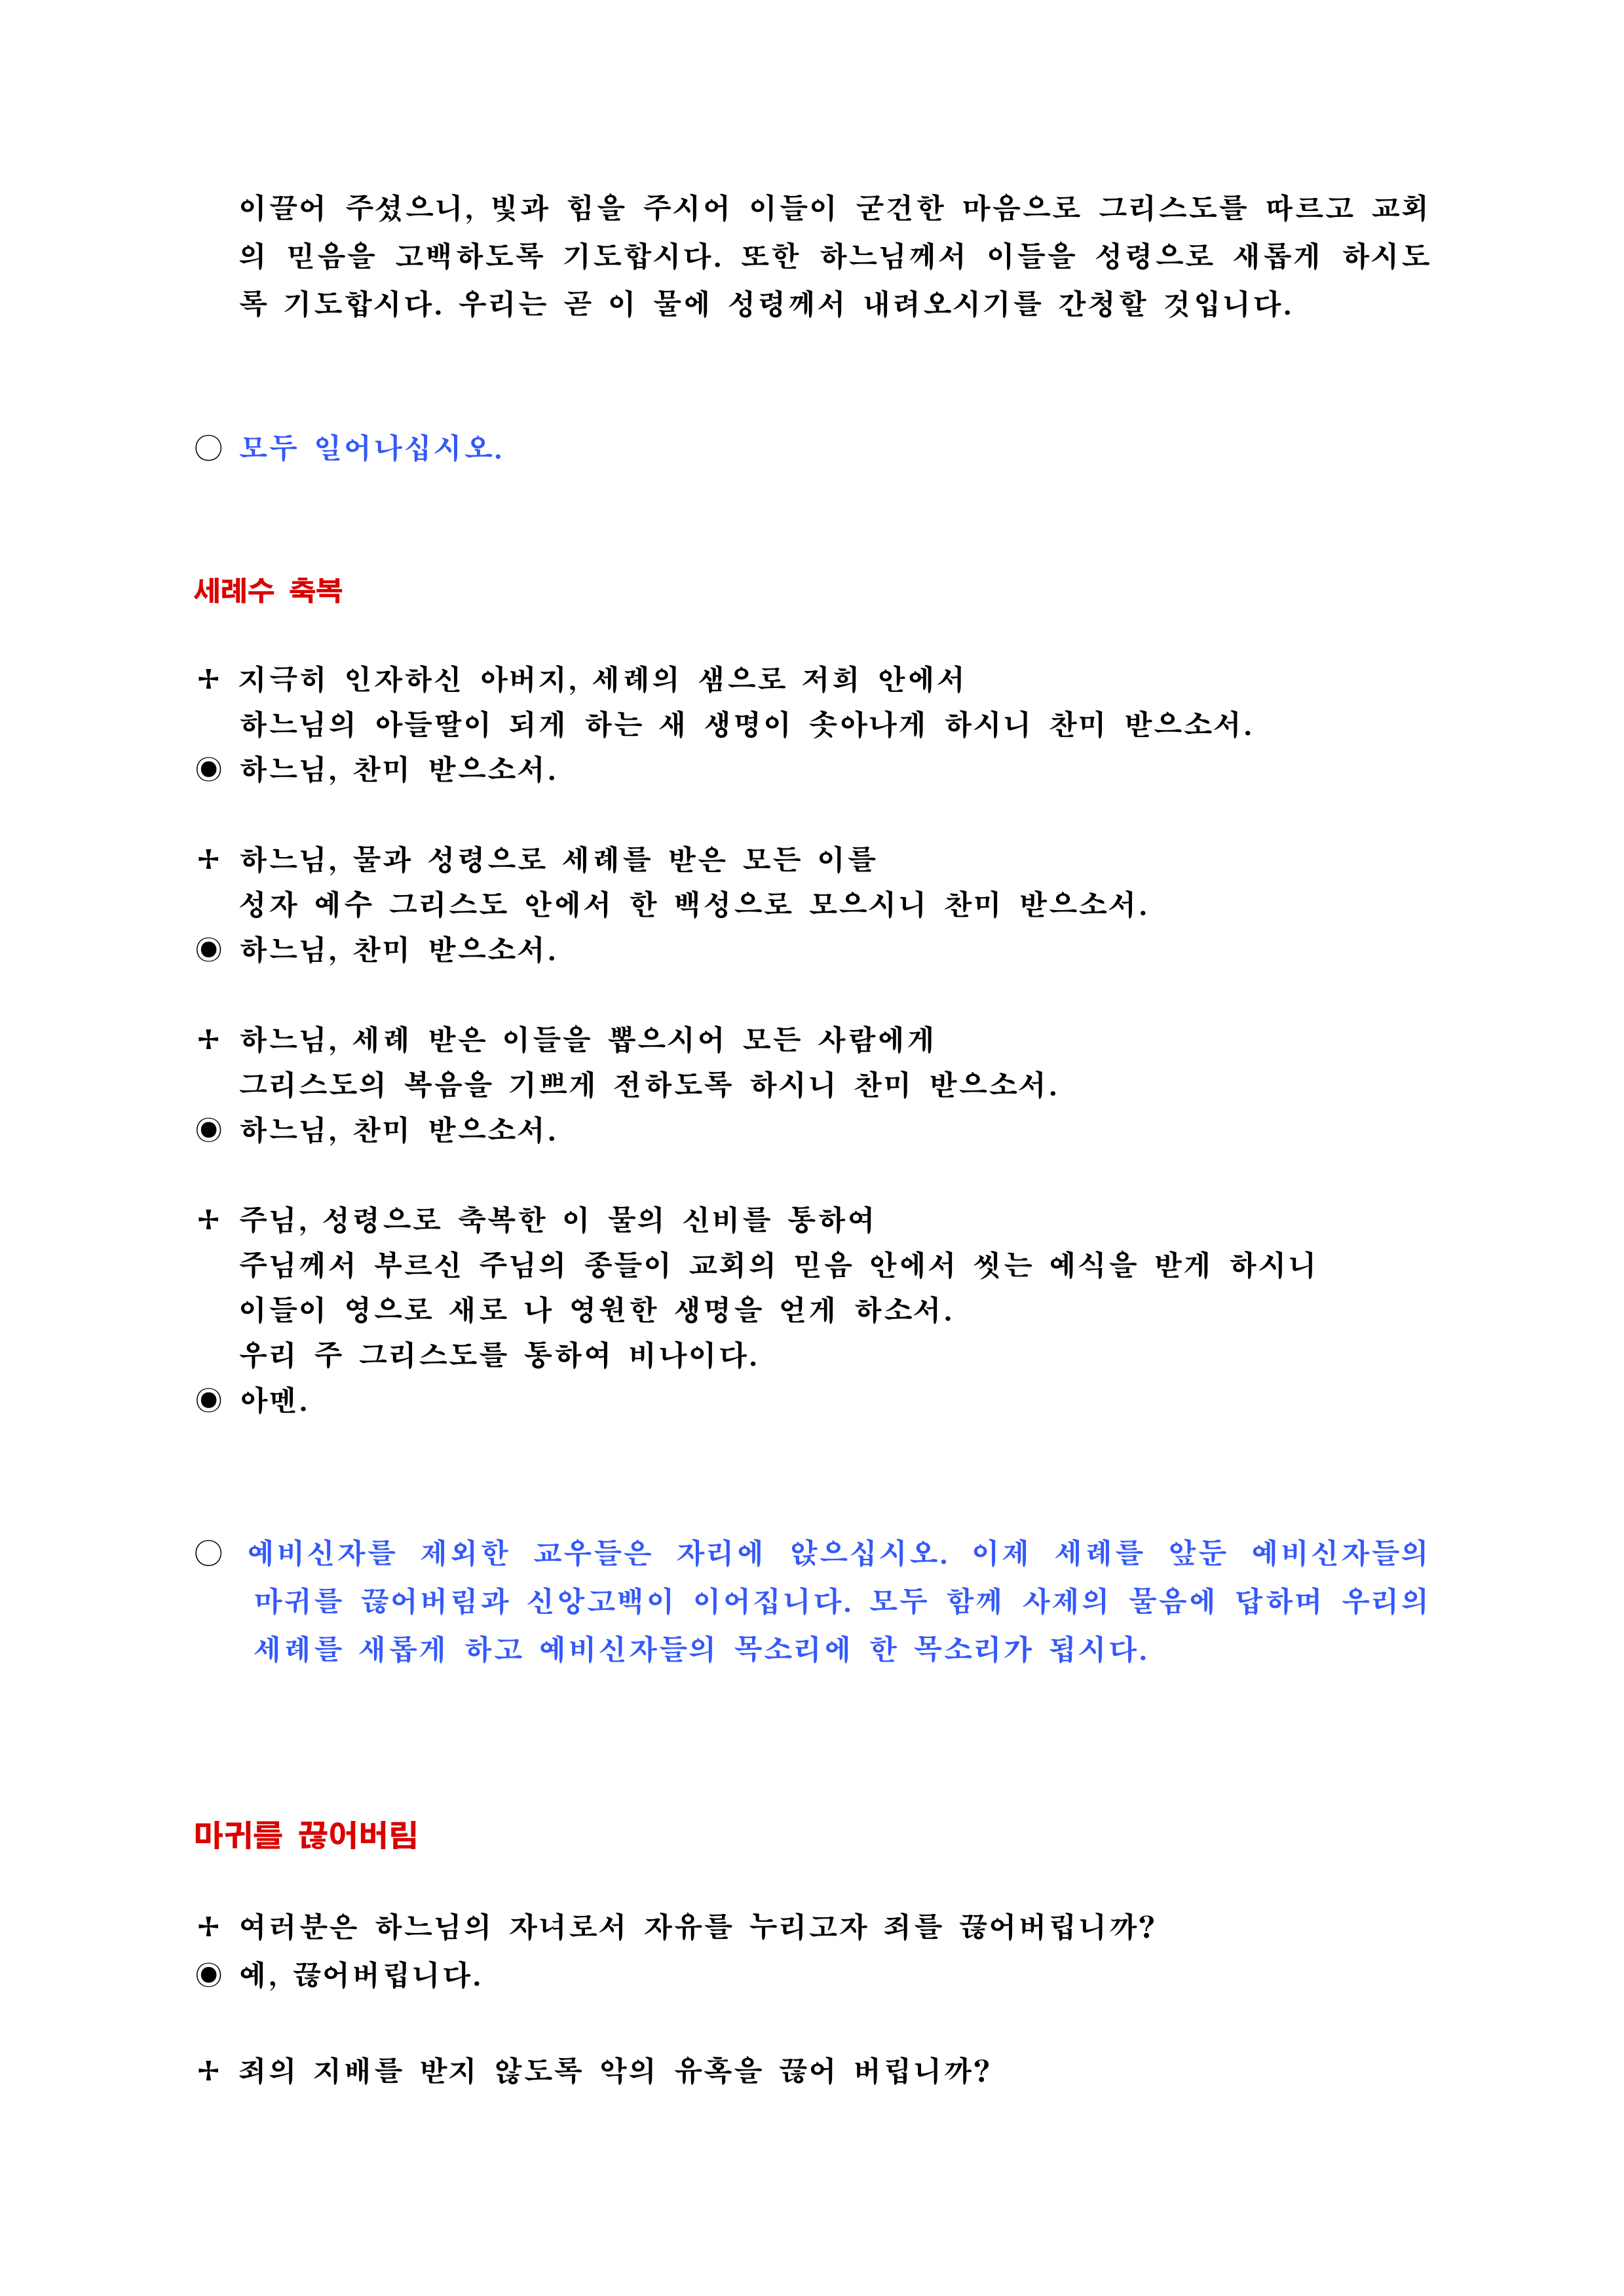 어른 입교 예식(괴정성당용-해설)2.jpg